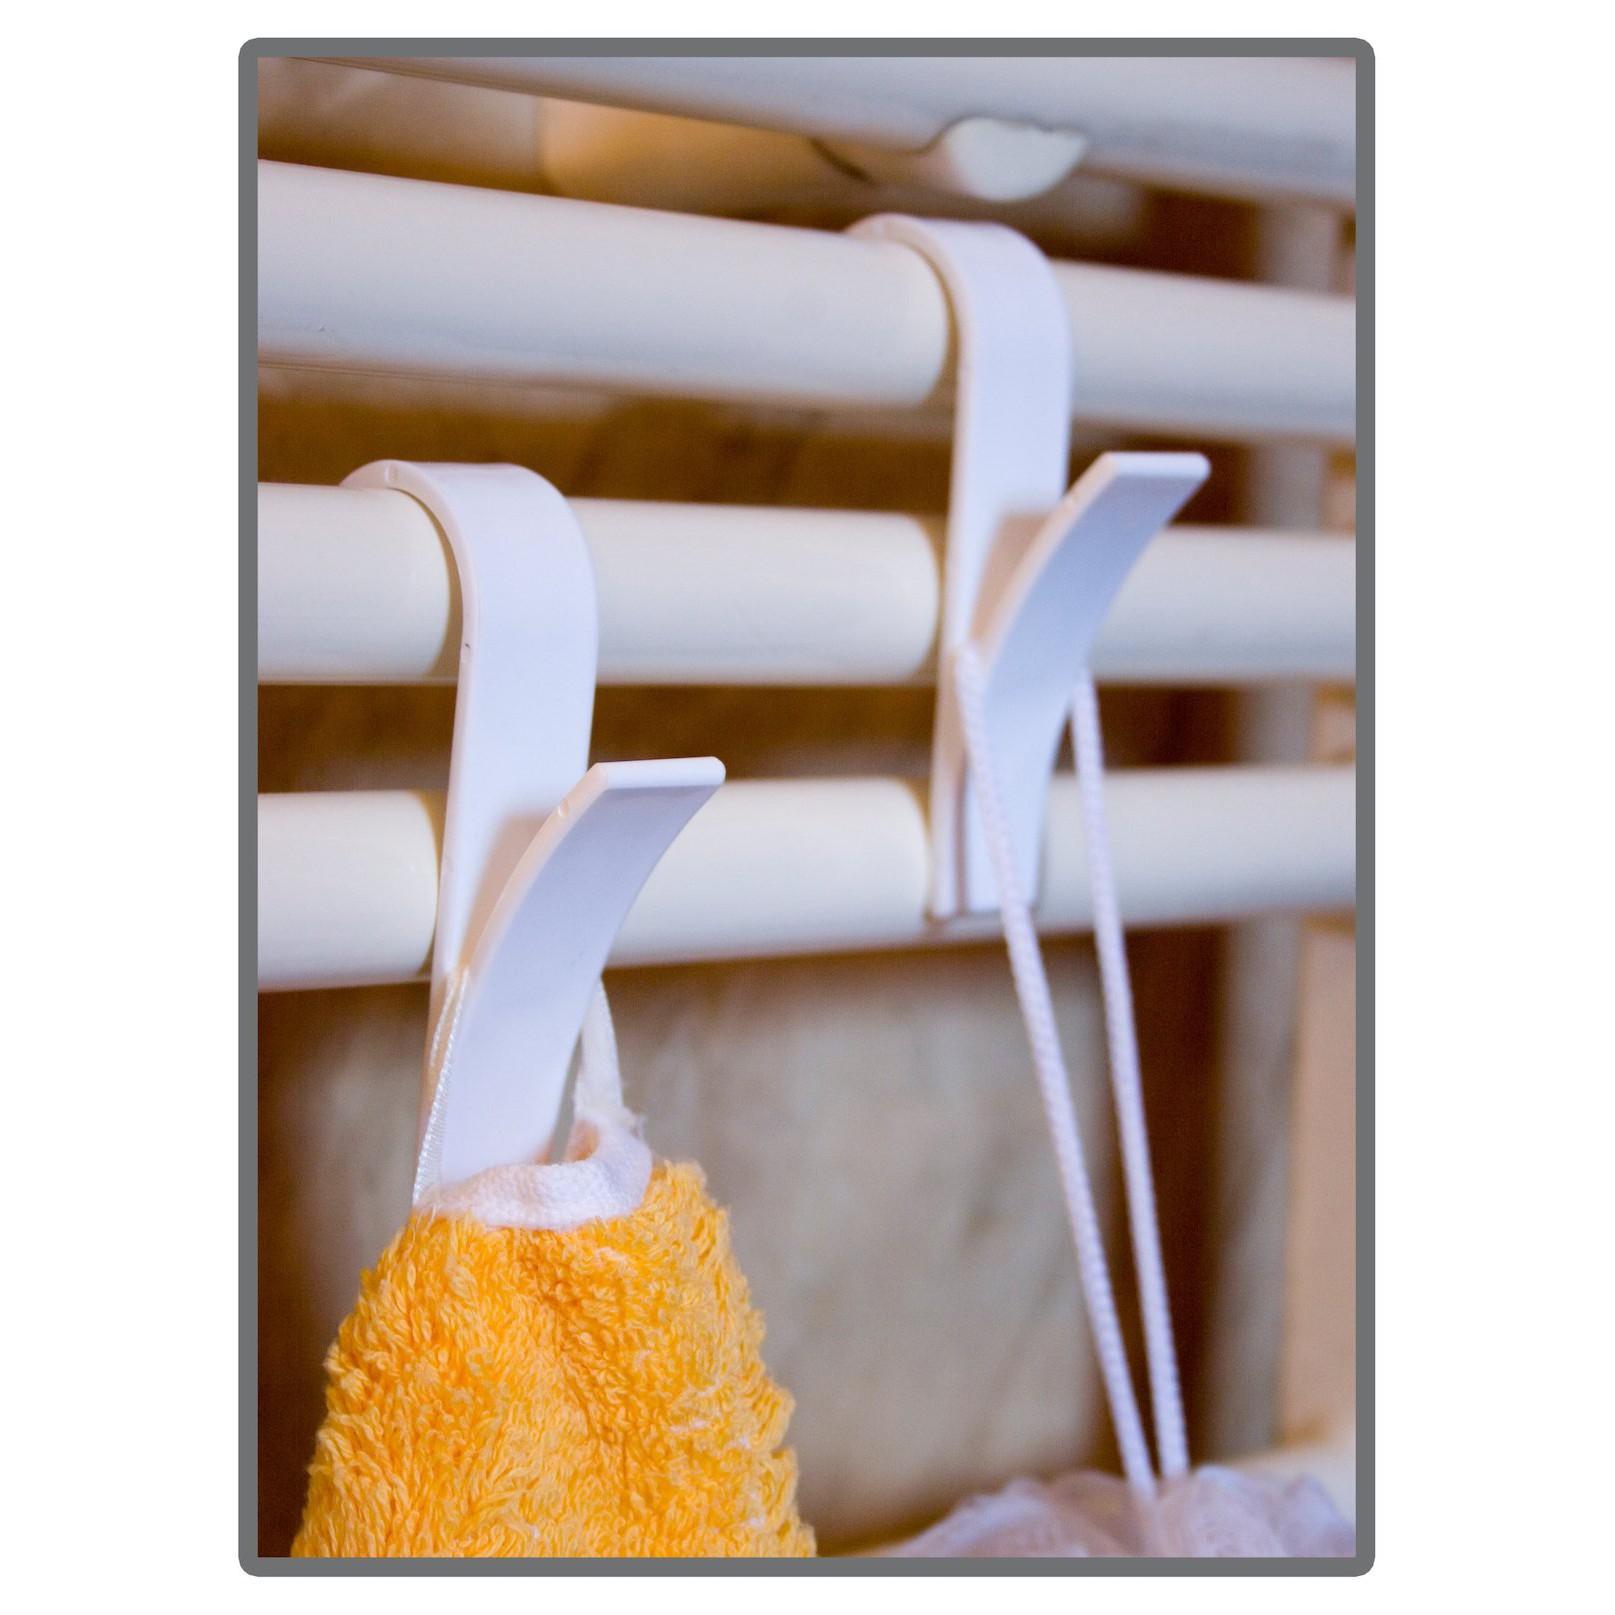 háčiky do kúpelne závesy na radiátor na uteráky 6ks megamix.sk